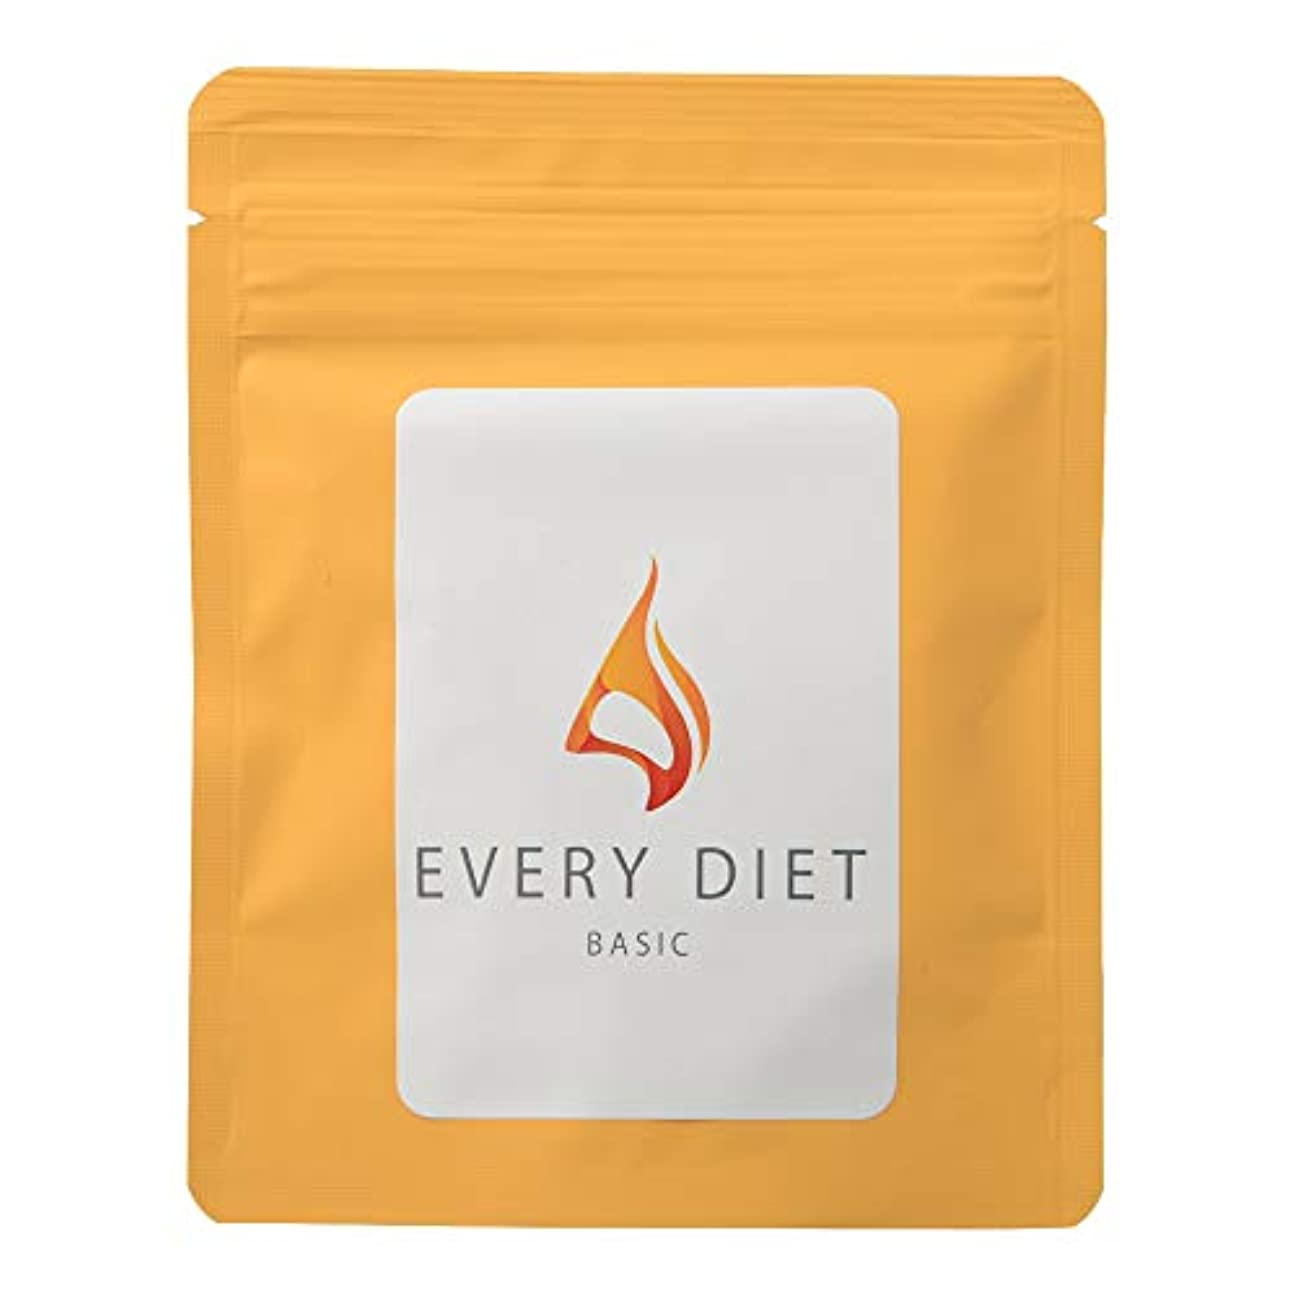 連結するブース番目Every Diet Basic (エブリダイエット ベーシック) ダイエット サプリメント [内容量60粒/ 説明書付き]